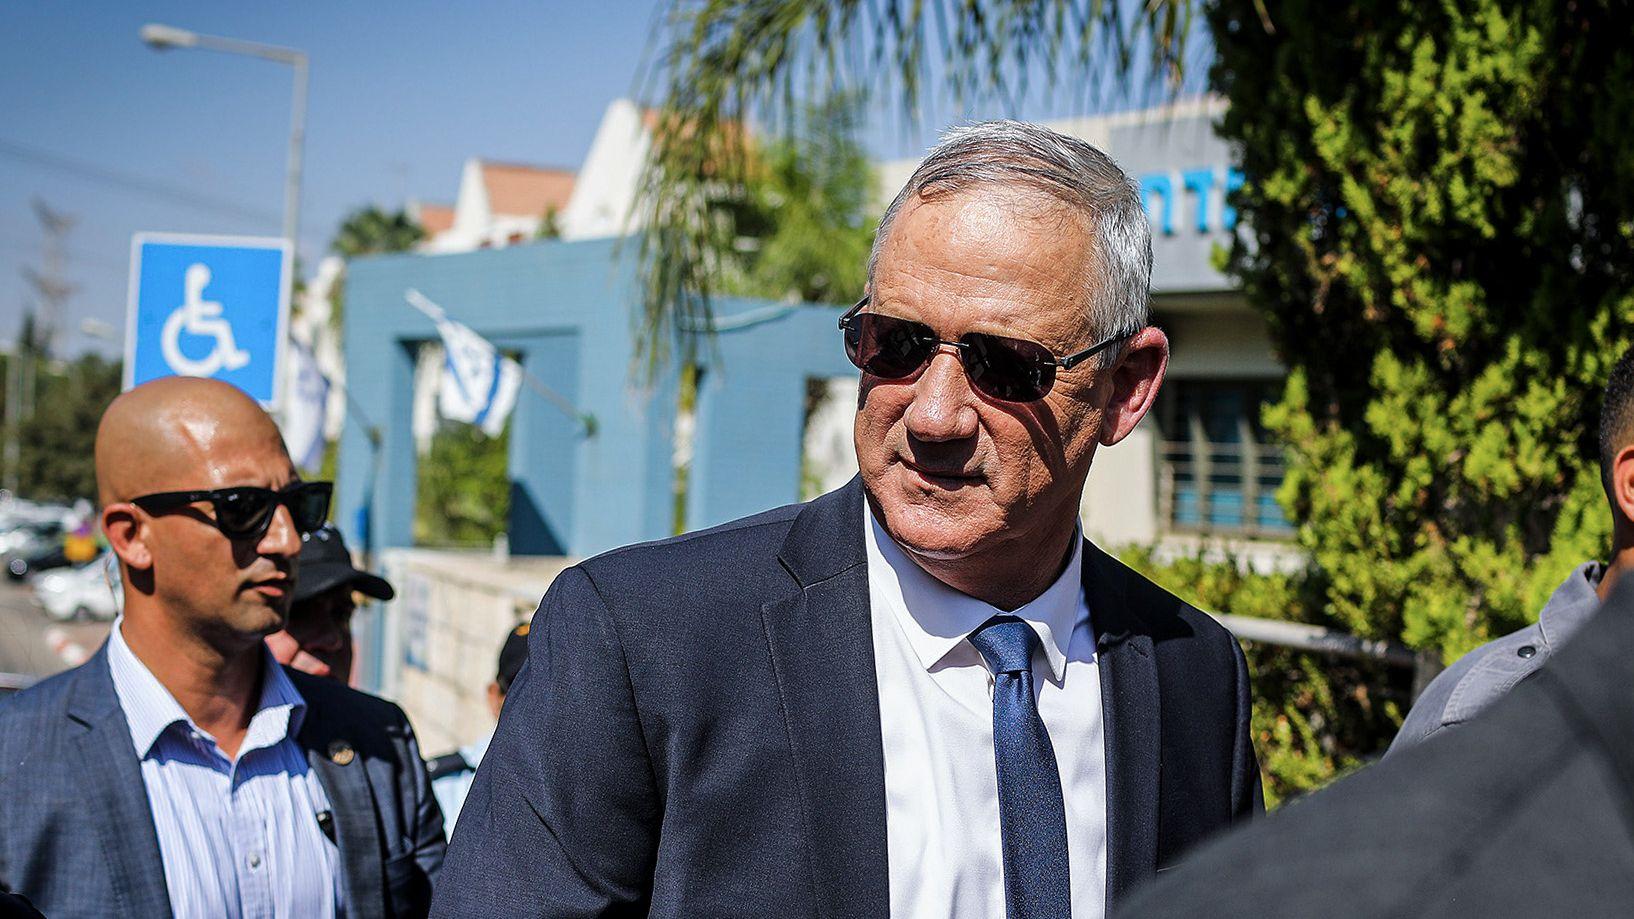 Benny Gantz, Kandidat des Oppositionsbündnis Blau-Weiß, verlässt nach der Stimmabgabe das Wahllokal.